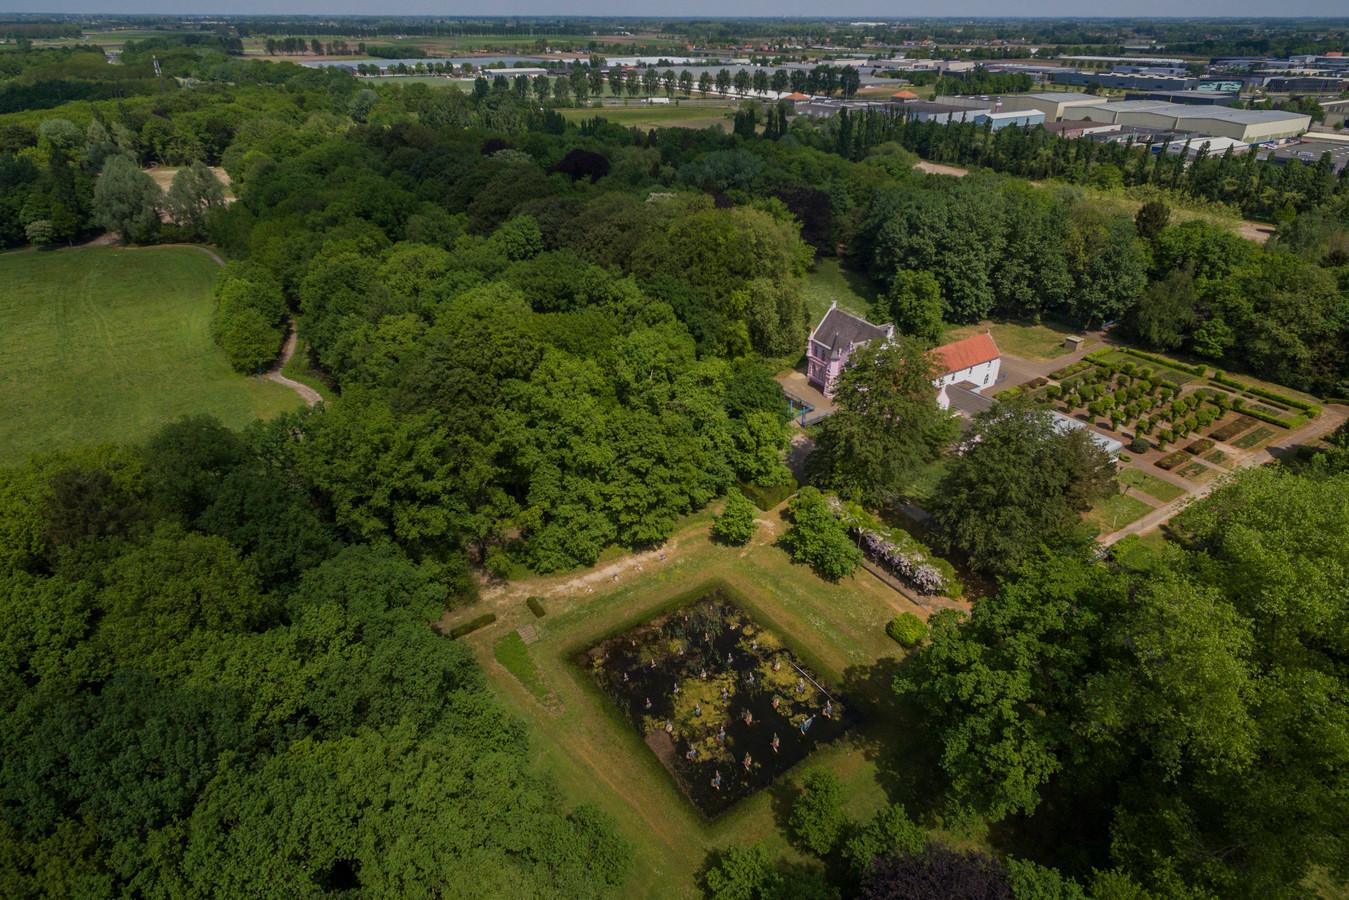 Een luchtfoto van landgoed Steenenburg, het voormalige Land van Ooit, met in het midden het 'roze kasteel'.  Inmiddels is al het nodige veranderd op het landgoed. Voor verdere ontwikkelingen is het wachten tot bestemmingsplan onherroepelijk is.